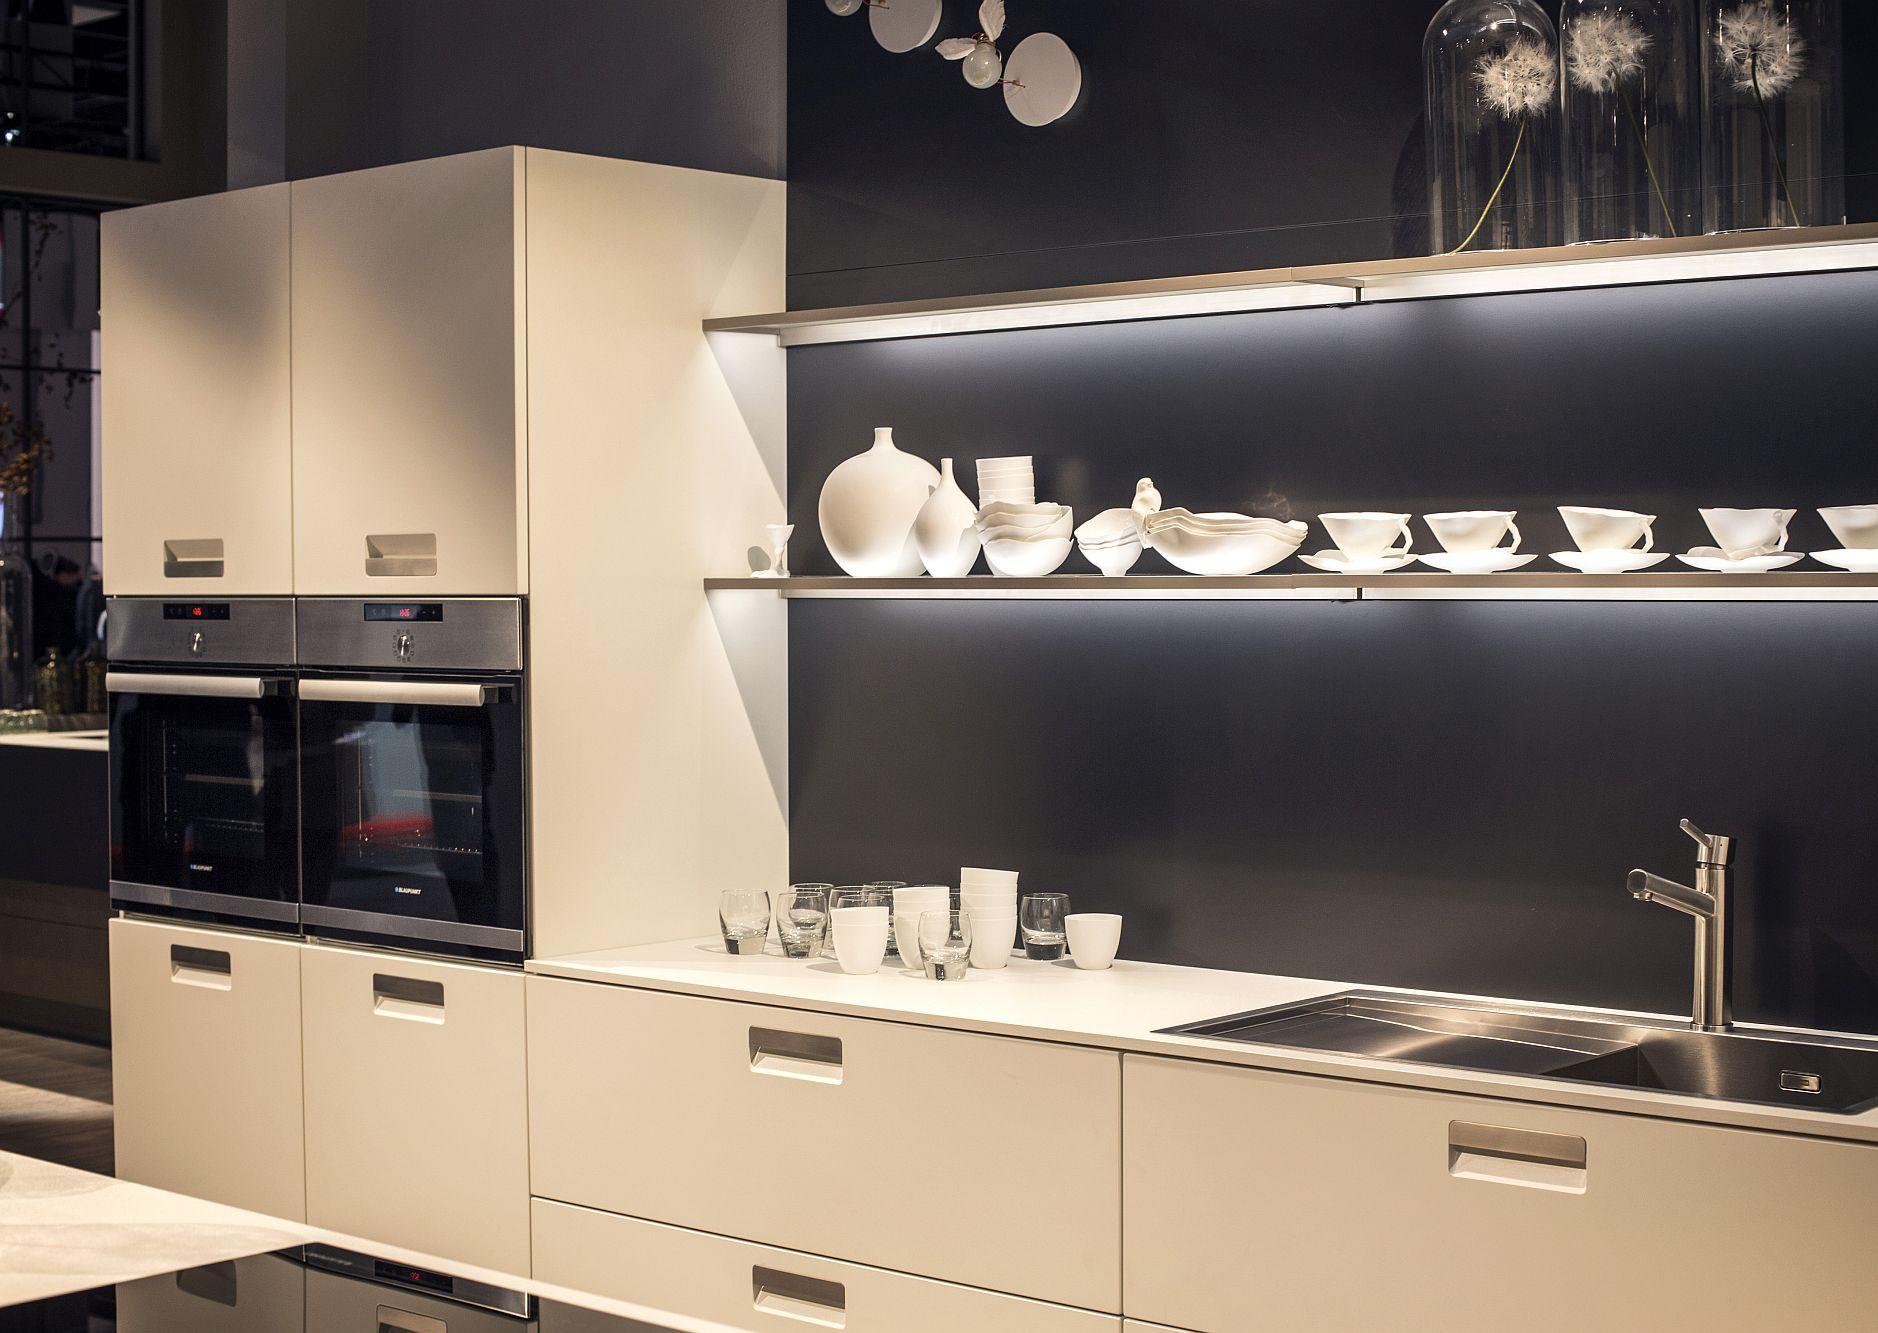 Cтильный дизайн серо-белой кухни - фото 3